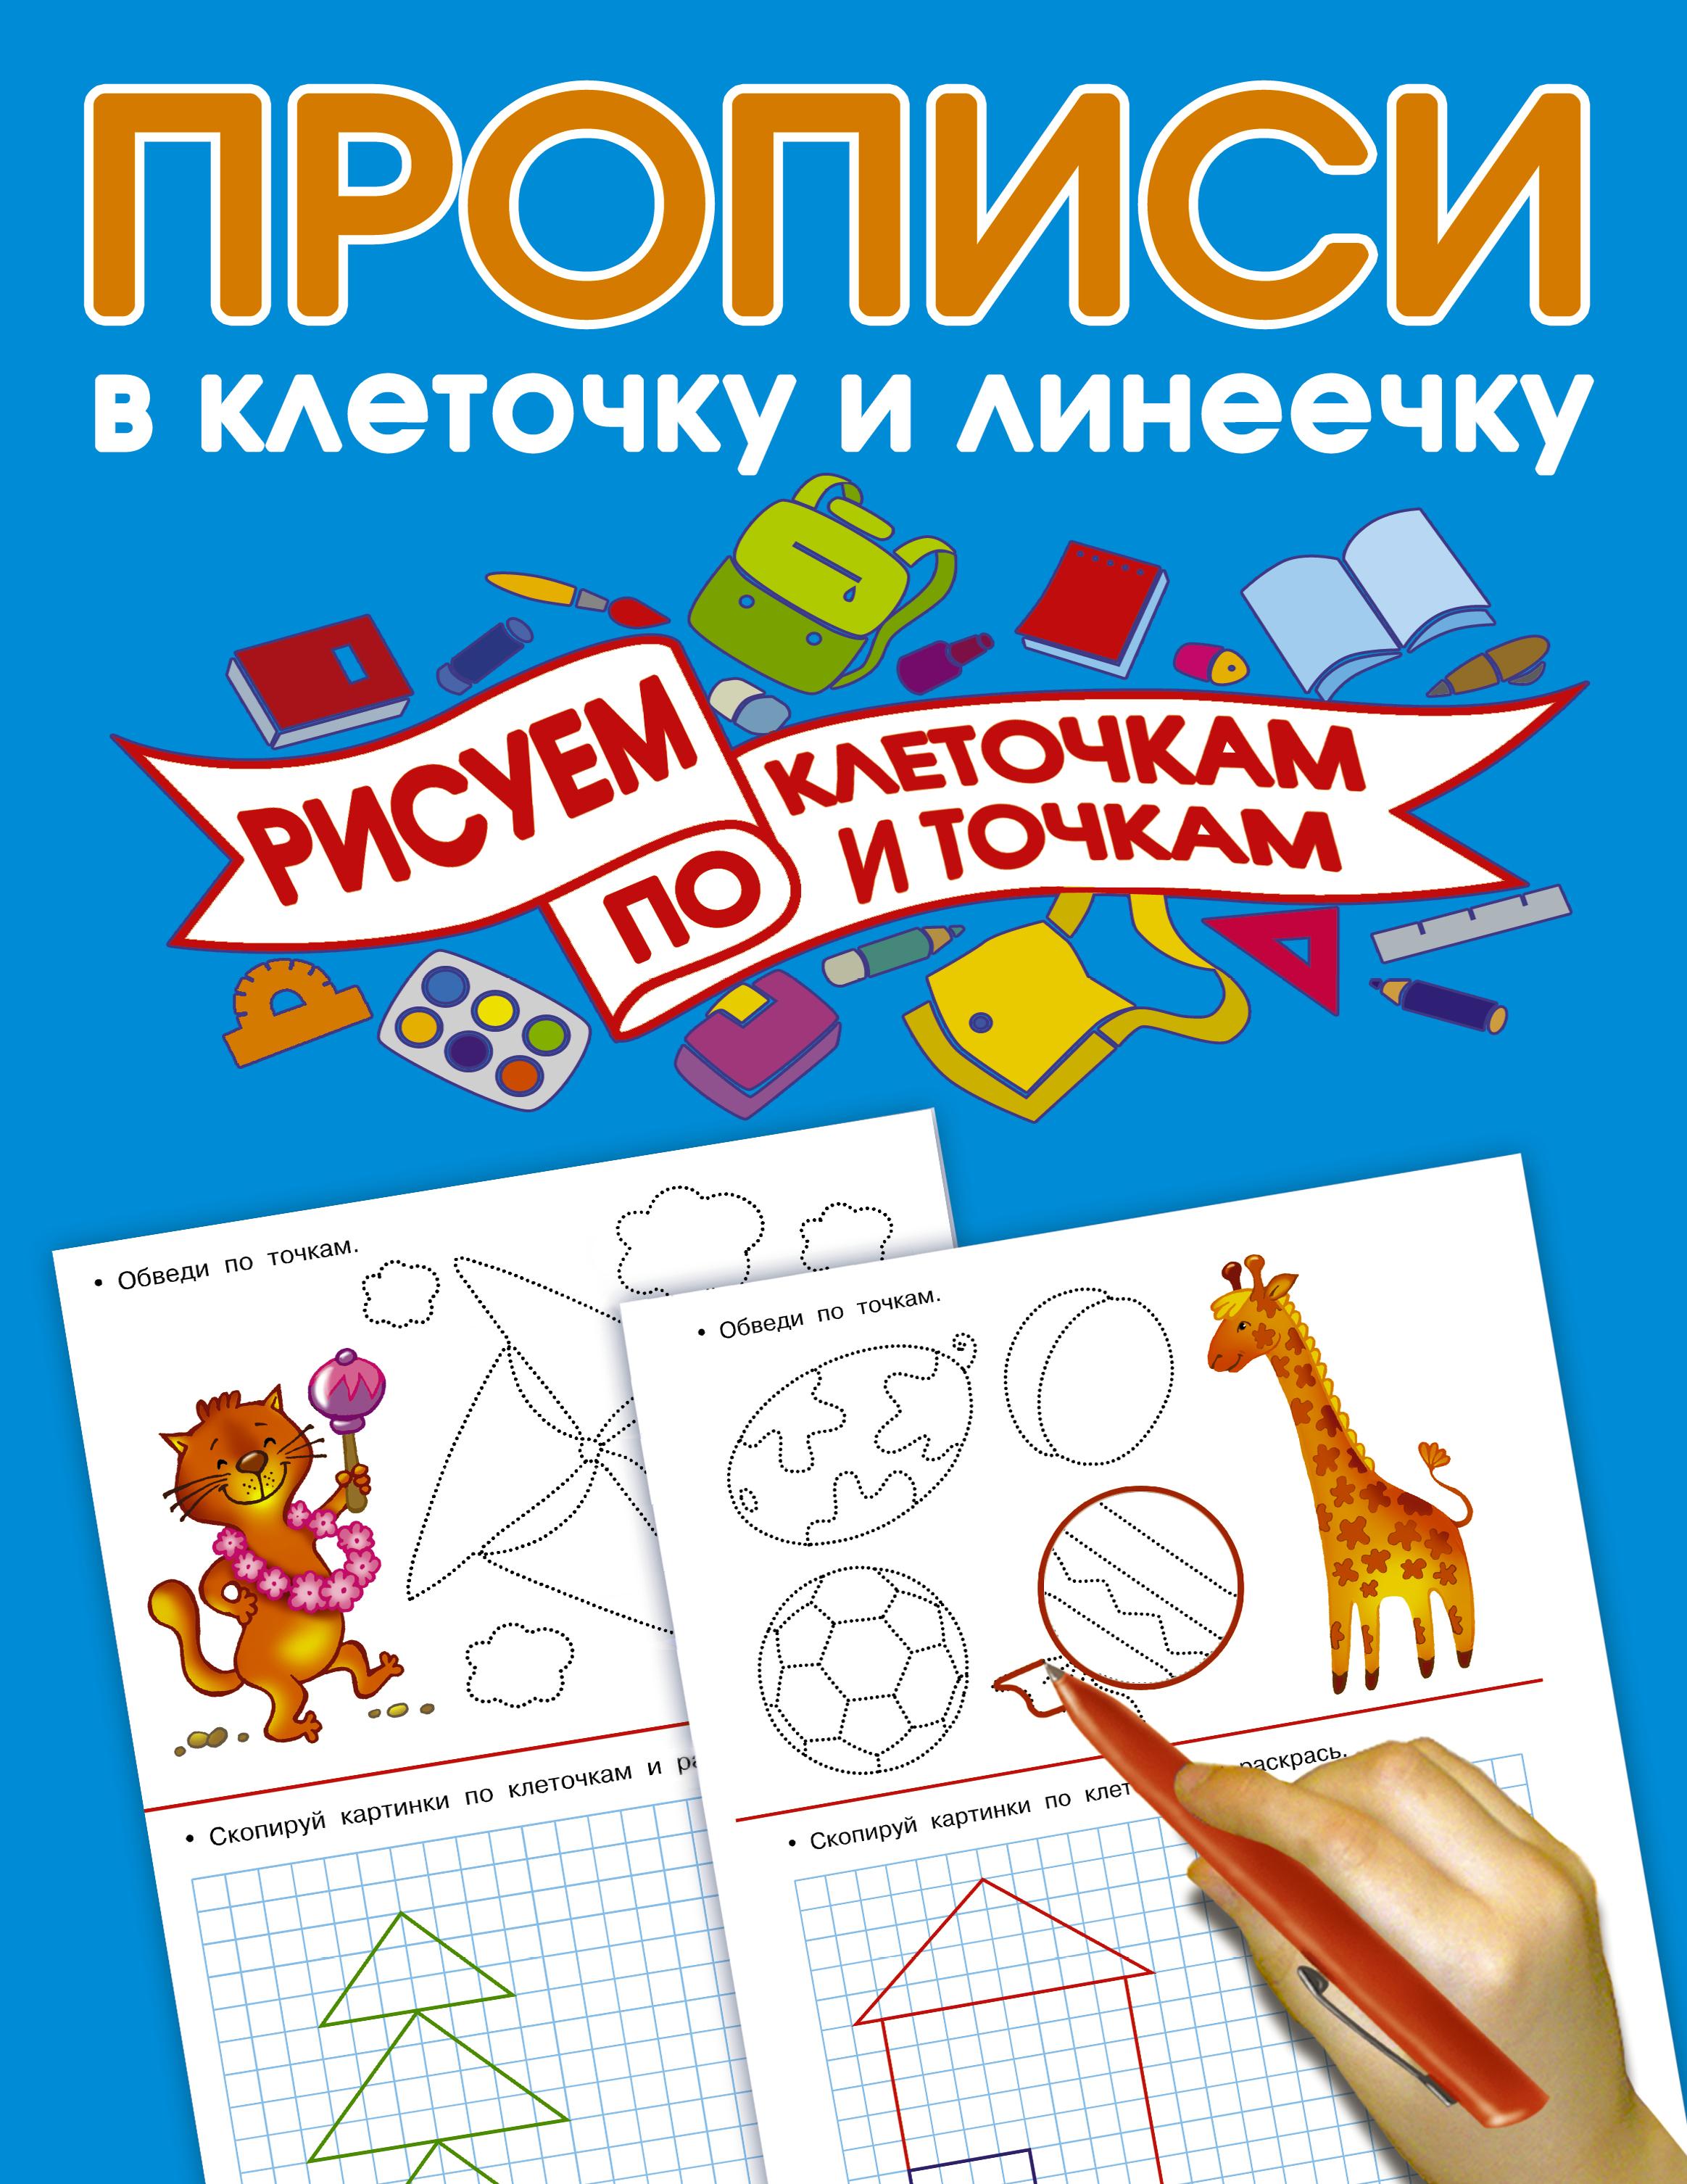 Дмитриева В.Г., Двинина Л.В. Рисуем по клеточкам и точкам